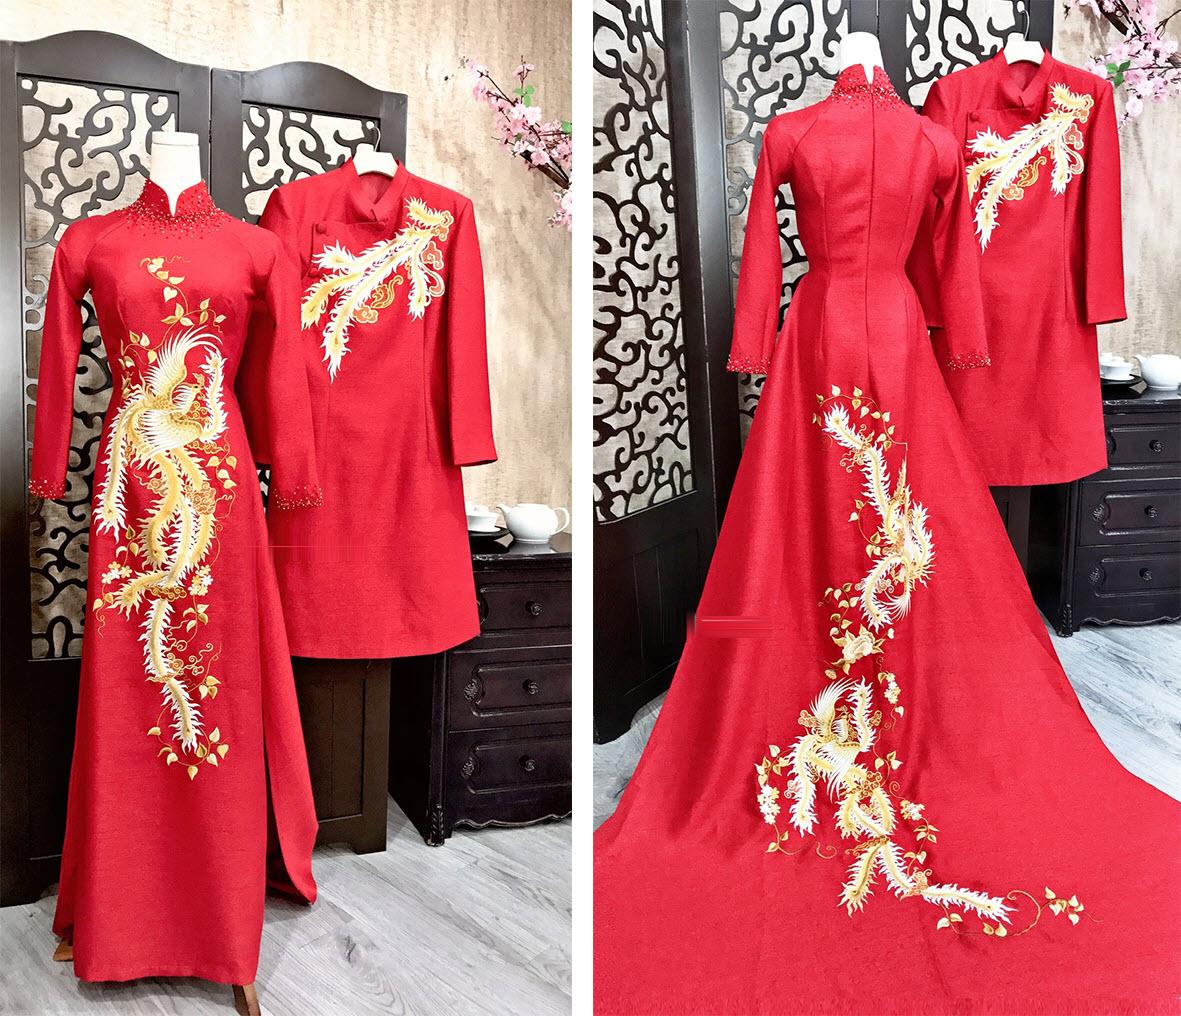 Áo dài đám cưới thêu hình rồng phượng